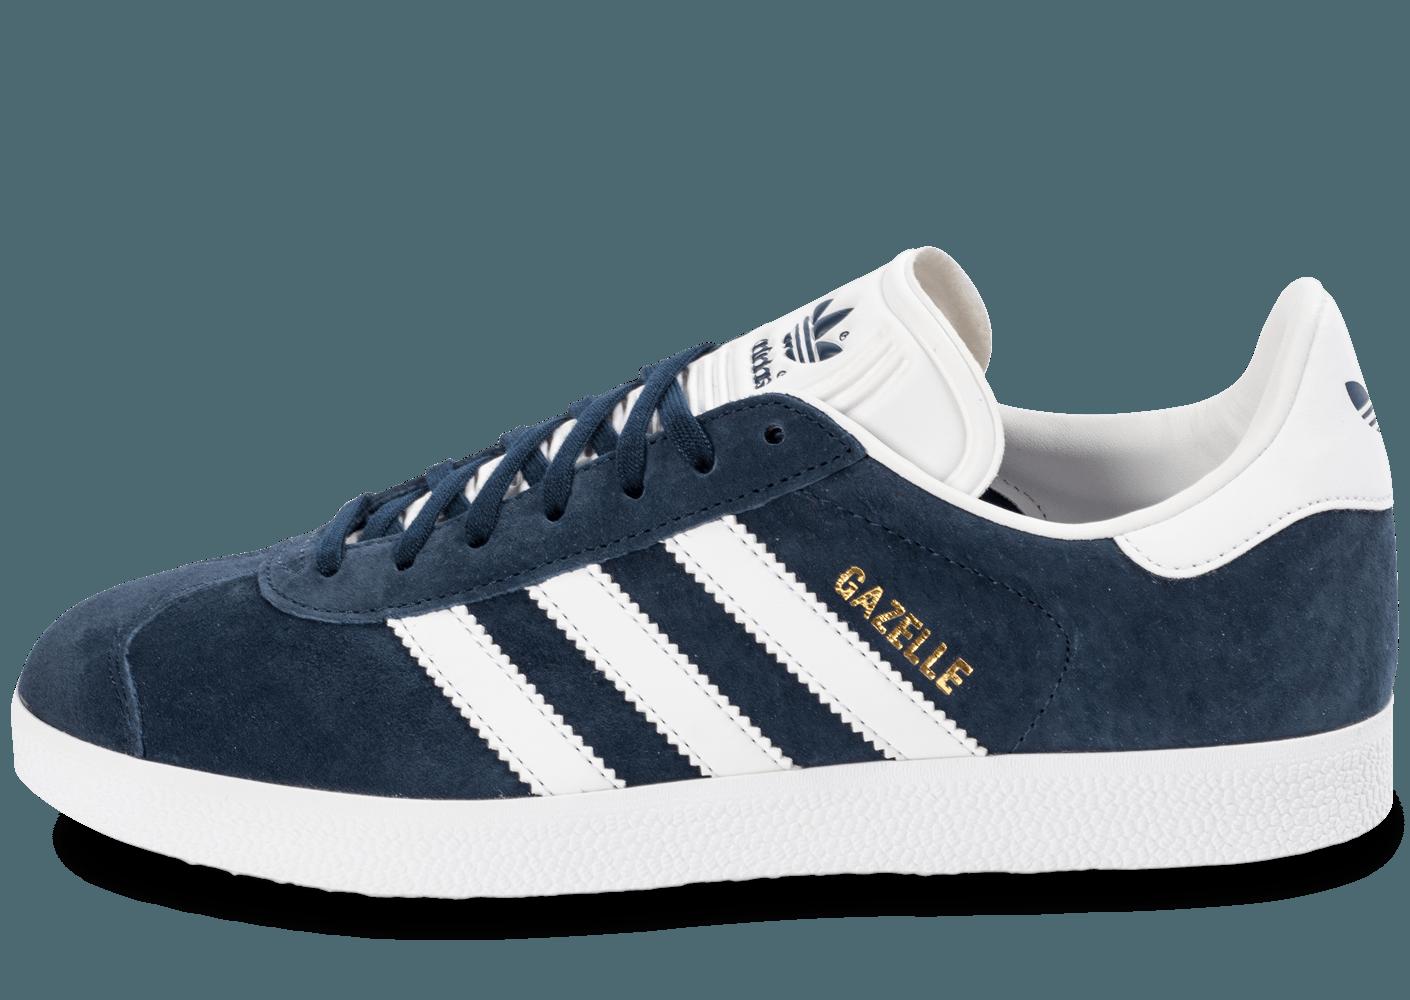 Promotion de groupe adidas gazelle bleu.Dédié à économiser